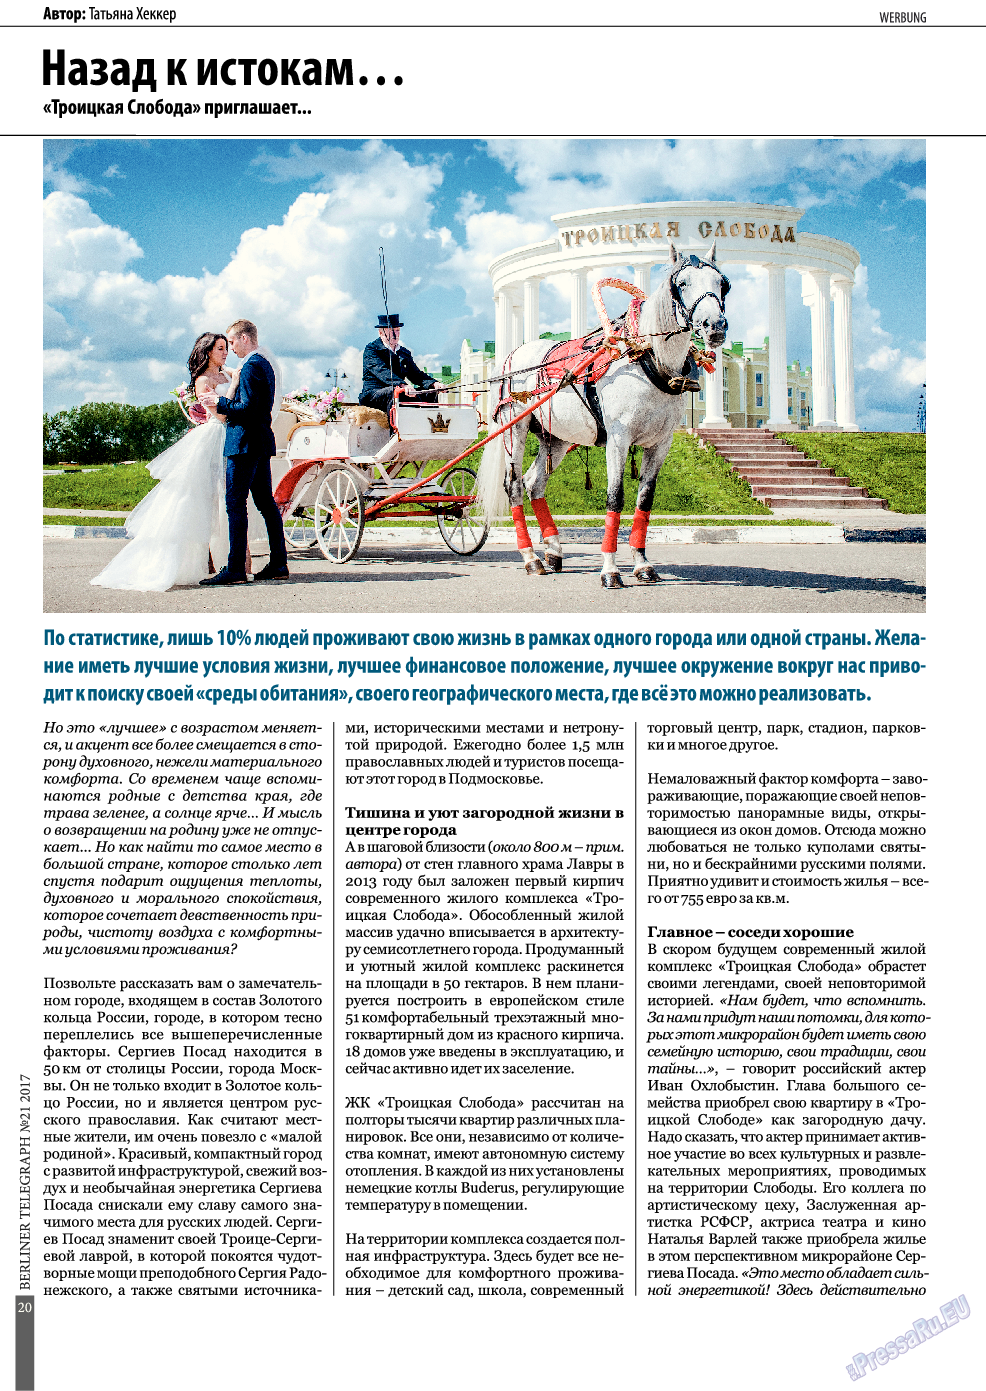 Берлинский телеграф (журнал). 2017 год, номер 21, стр. 20